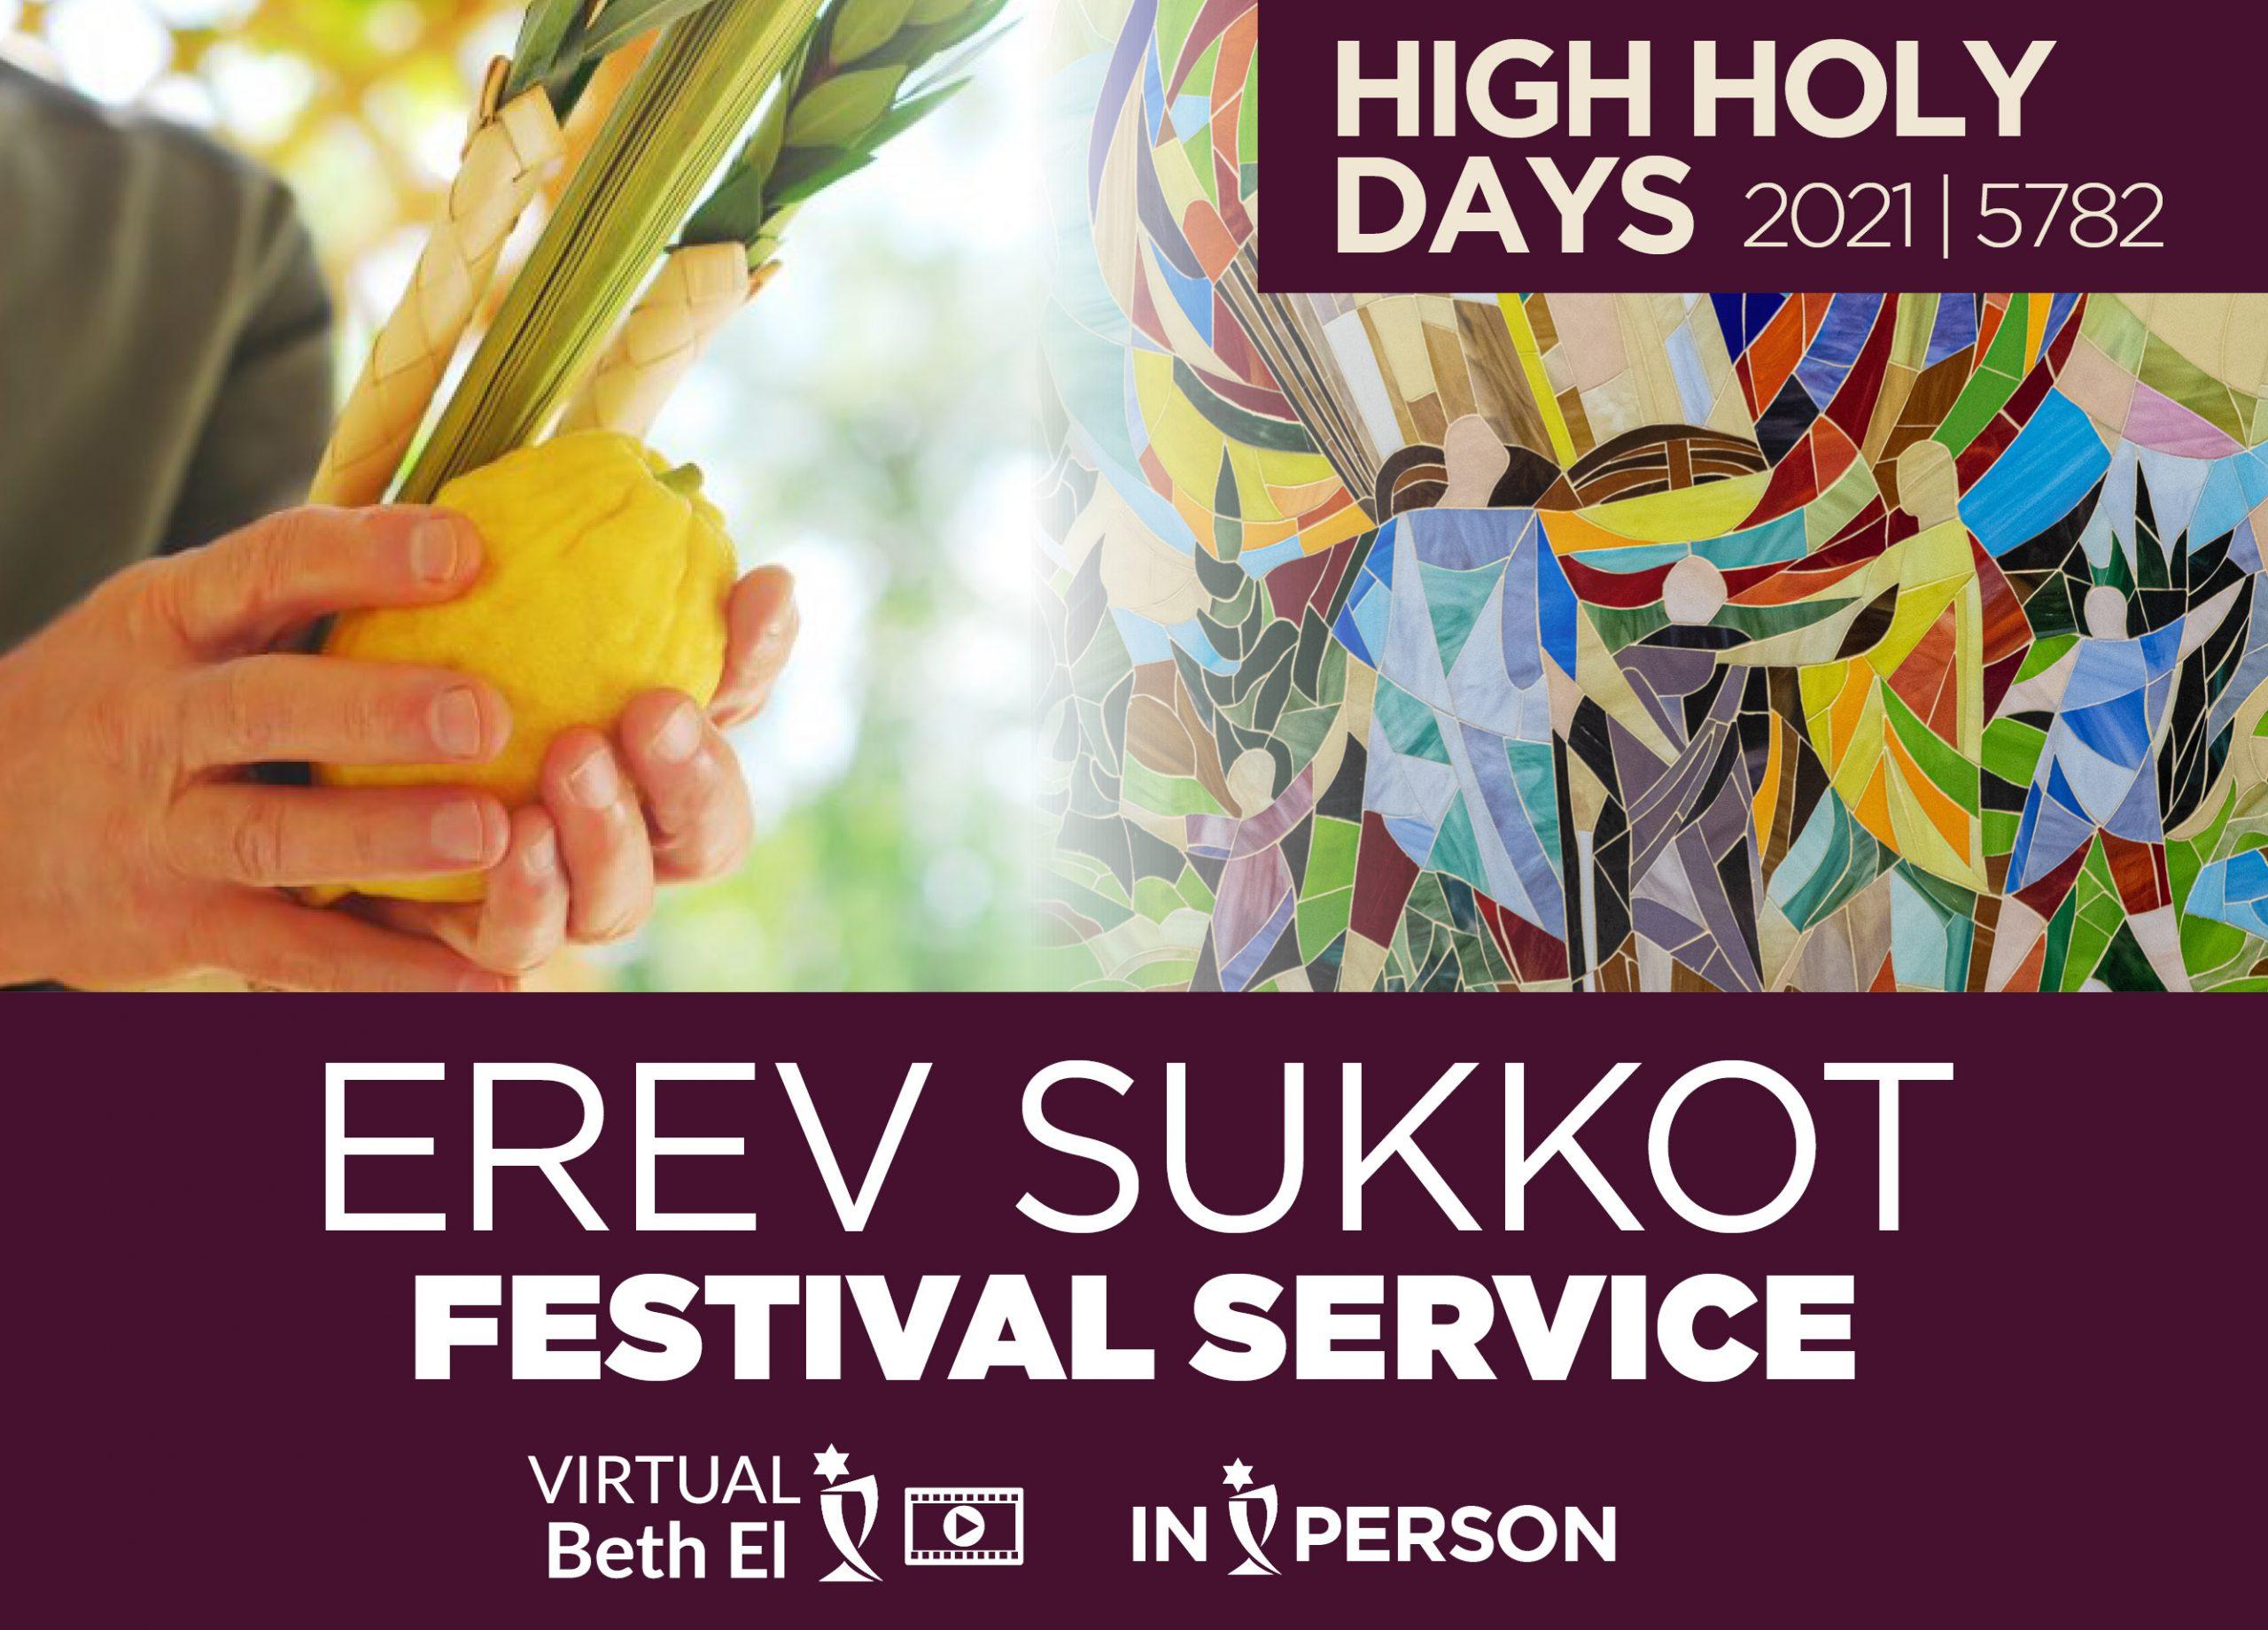 Erev Sukkot Festival Service event graphic for Temple Beth El of Boca Raton